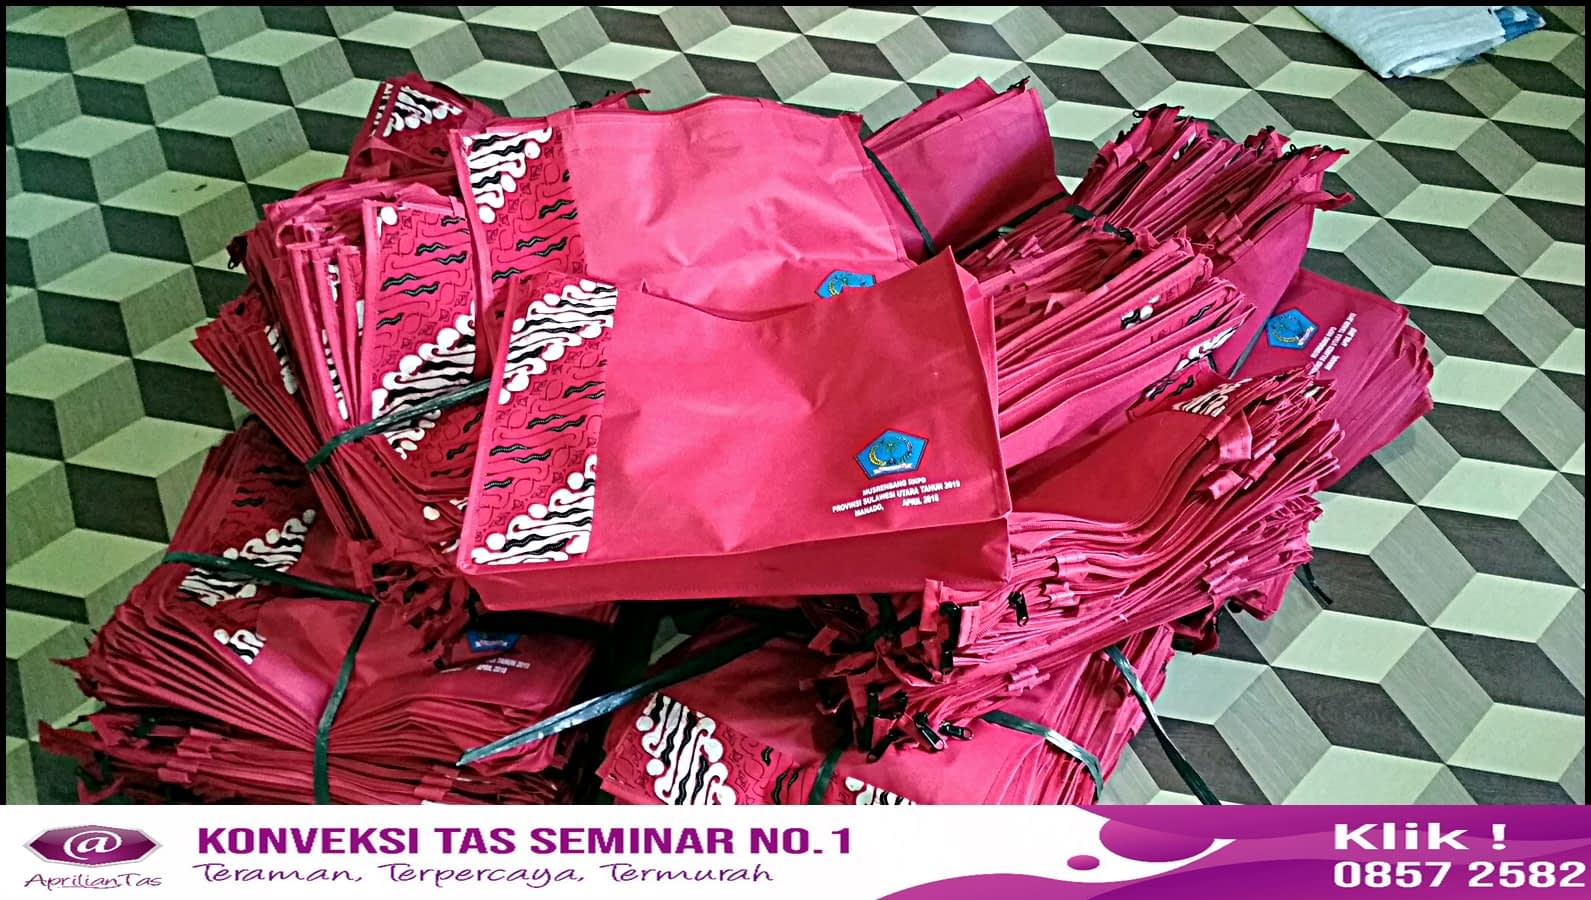 Isi Paket Seminar Kit Elegan, Pesan di Vendor Tas Pelatihan Bandung Harga tas seminar,tas seminar indonesia,tas seminar jakarta pusat,konveksi tas seminar, konveksi tas jakarta timur,konveksi tas kulit sintetis jakarta